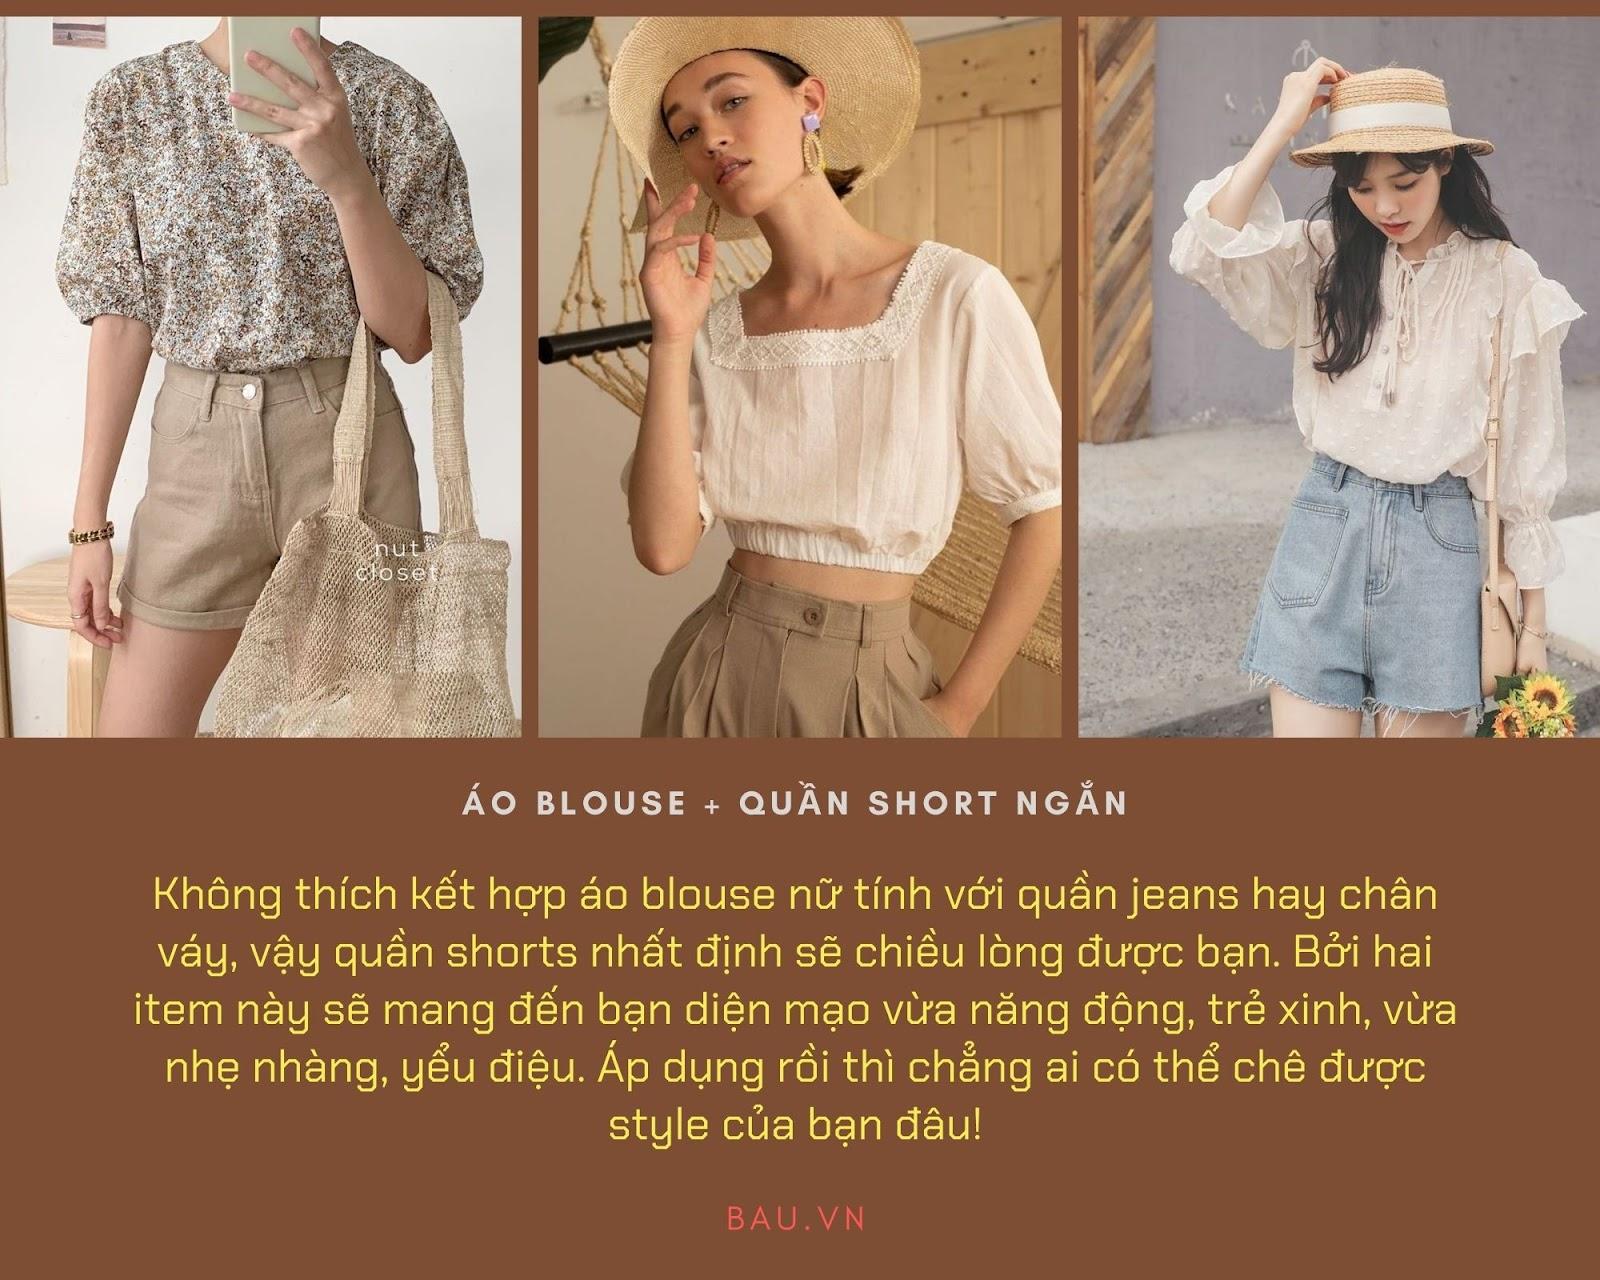 Những tips kết hợp áo blouse cho các cô nàng năng động - ảnh 4